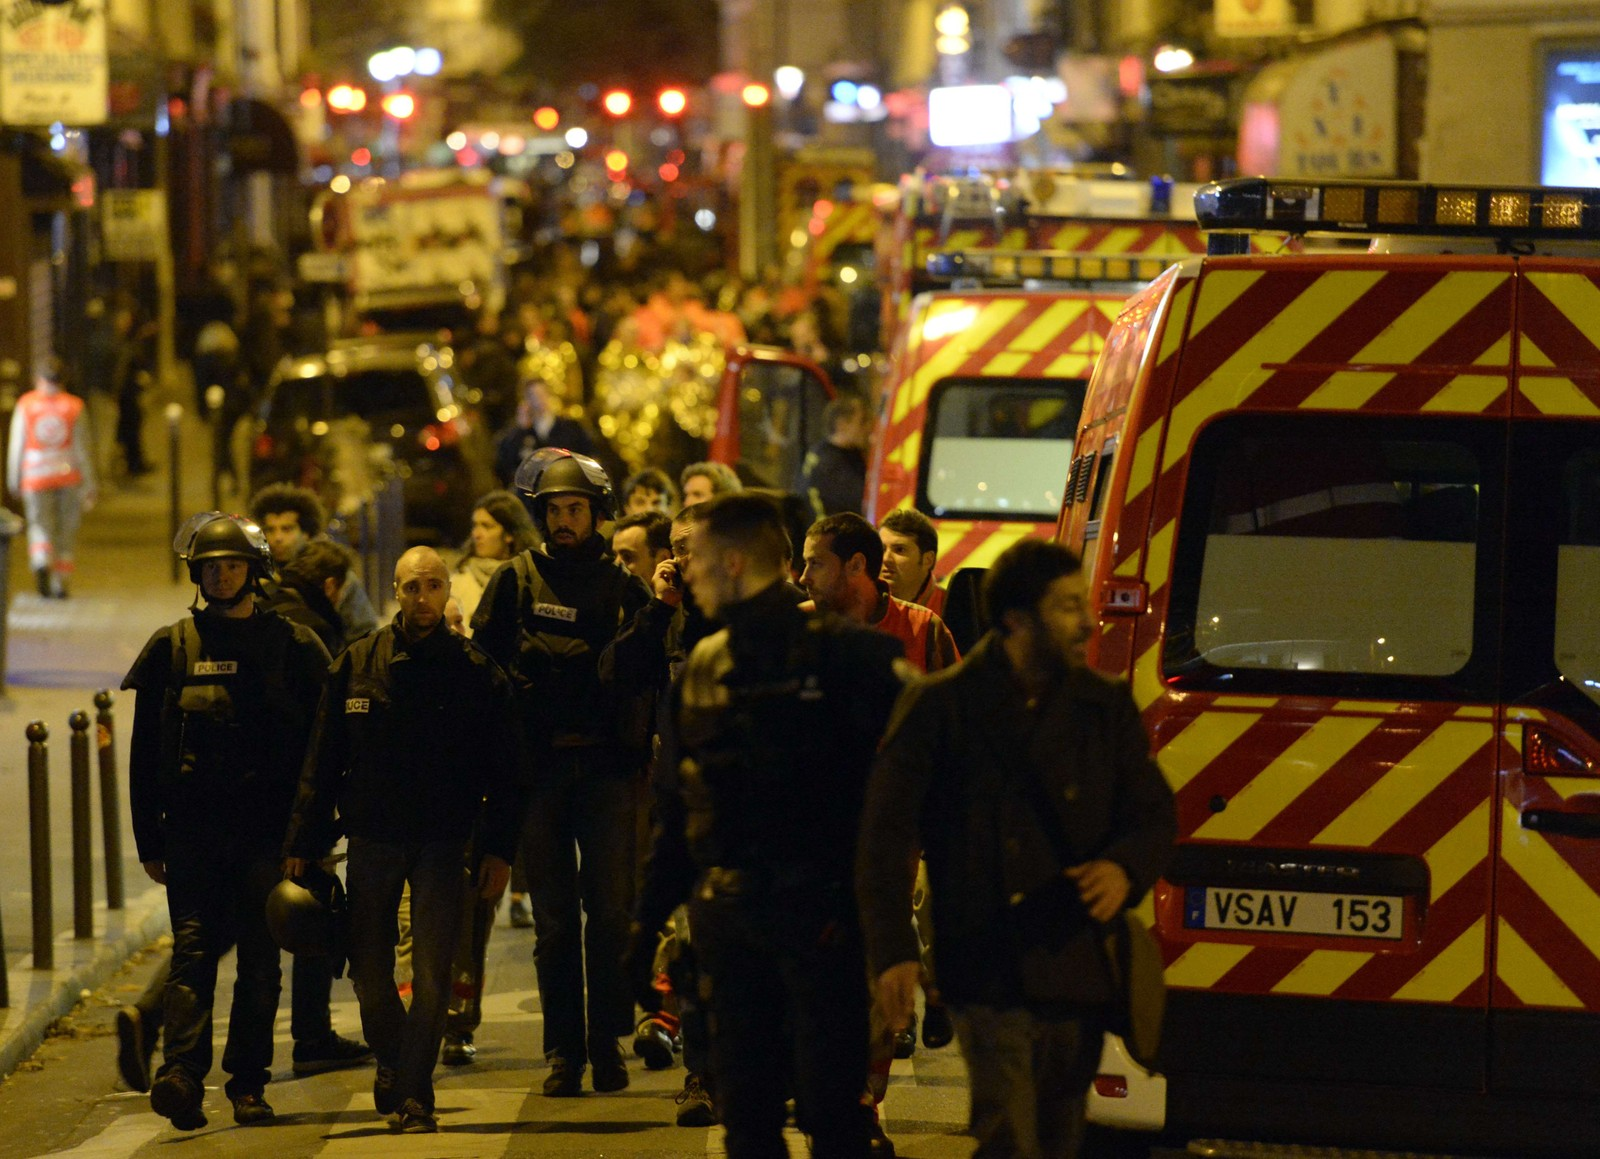 AUTOMATVÅPEN: Den andre gruppen skal ha skutt med automatvåpen mot restauranter og forbipasserende, til de tok seg inn i konsertlokalet Bataclan. Det er her de fleste ble drept, over hundre i de som blir beskrevet som en grufull massakre.